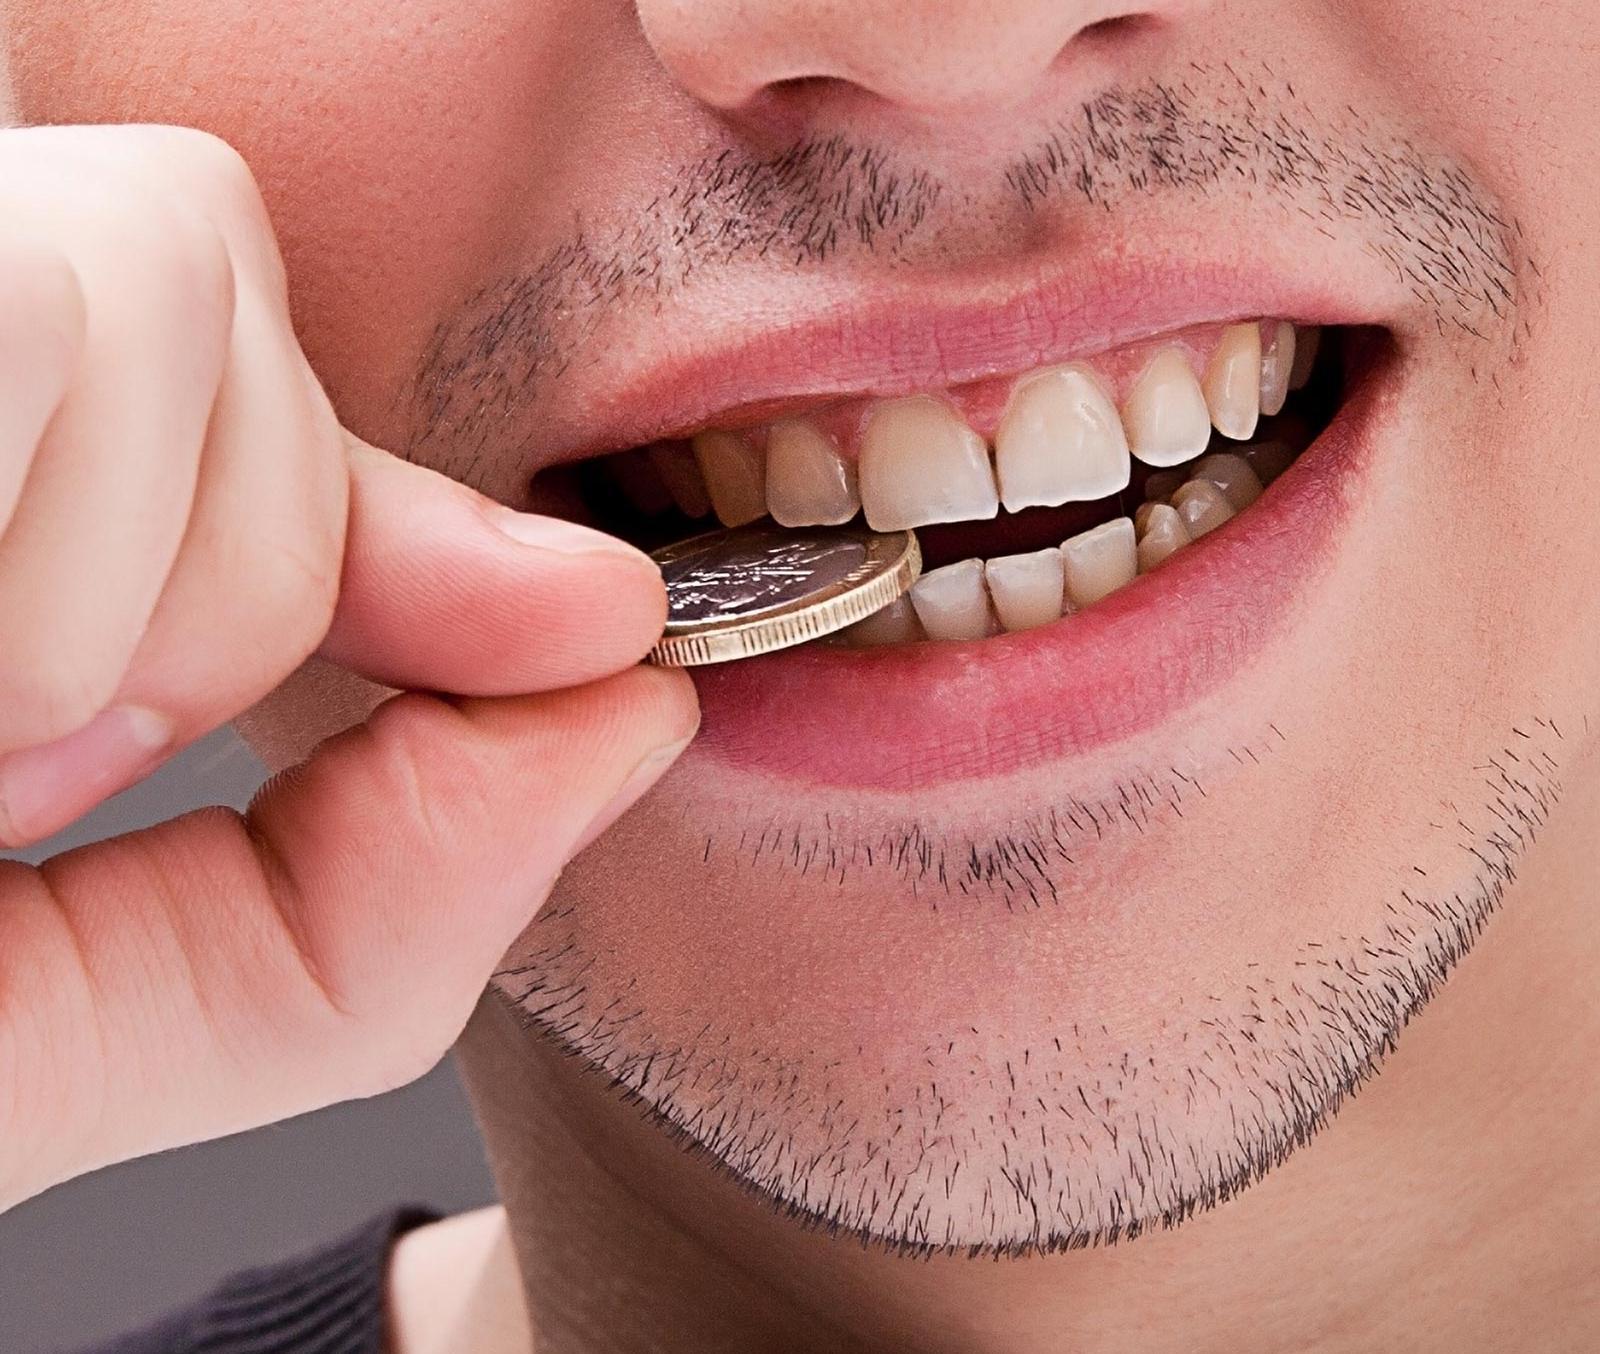 Mann testet Authentizität von Geldstück